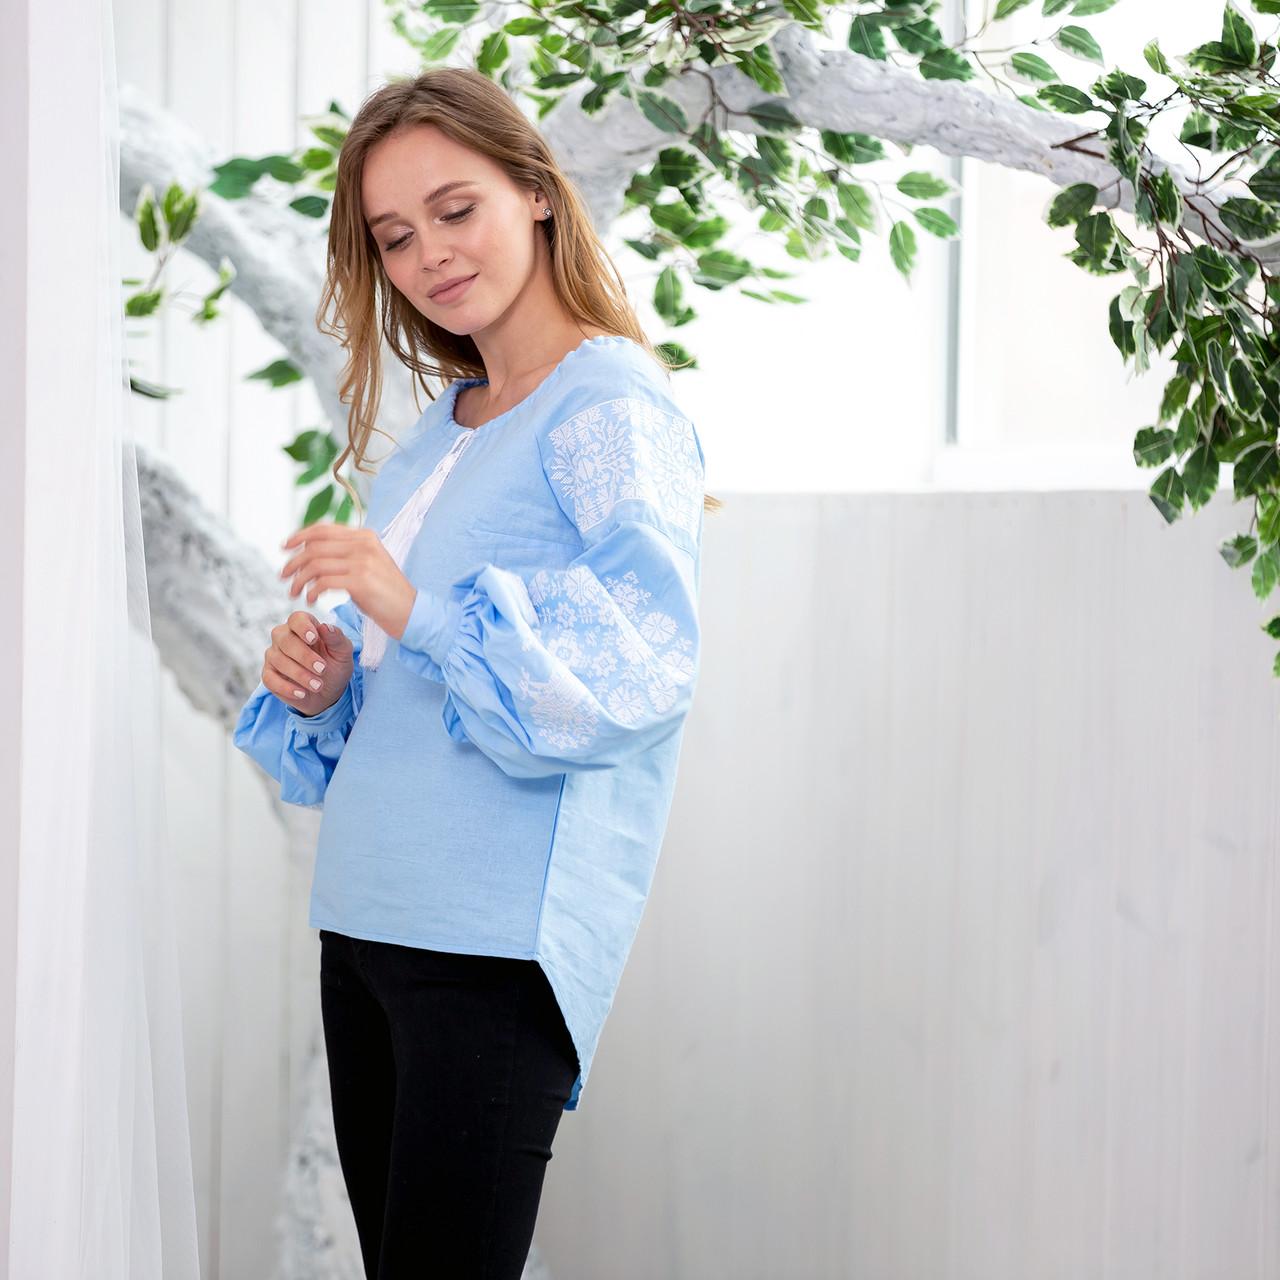 Сучасна вишита сорочка із натуральної тканини